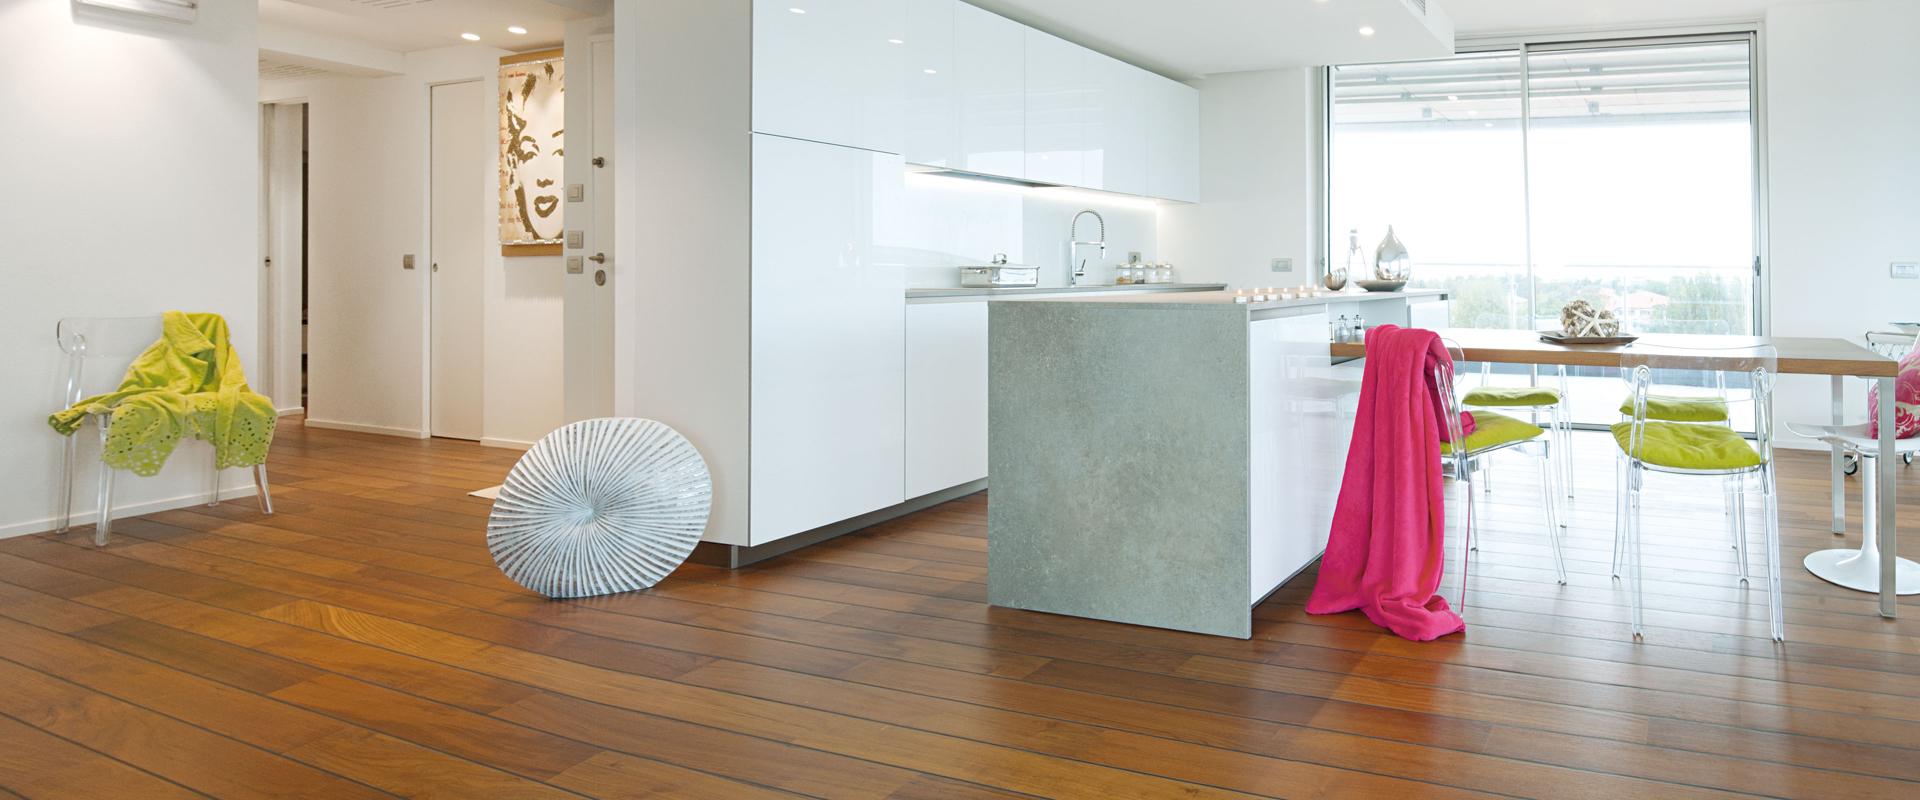 Gallery pavimento in legno per la cucina garbelotto - Pavimenti in legno per cucina ...